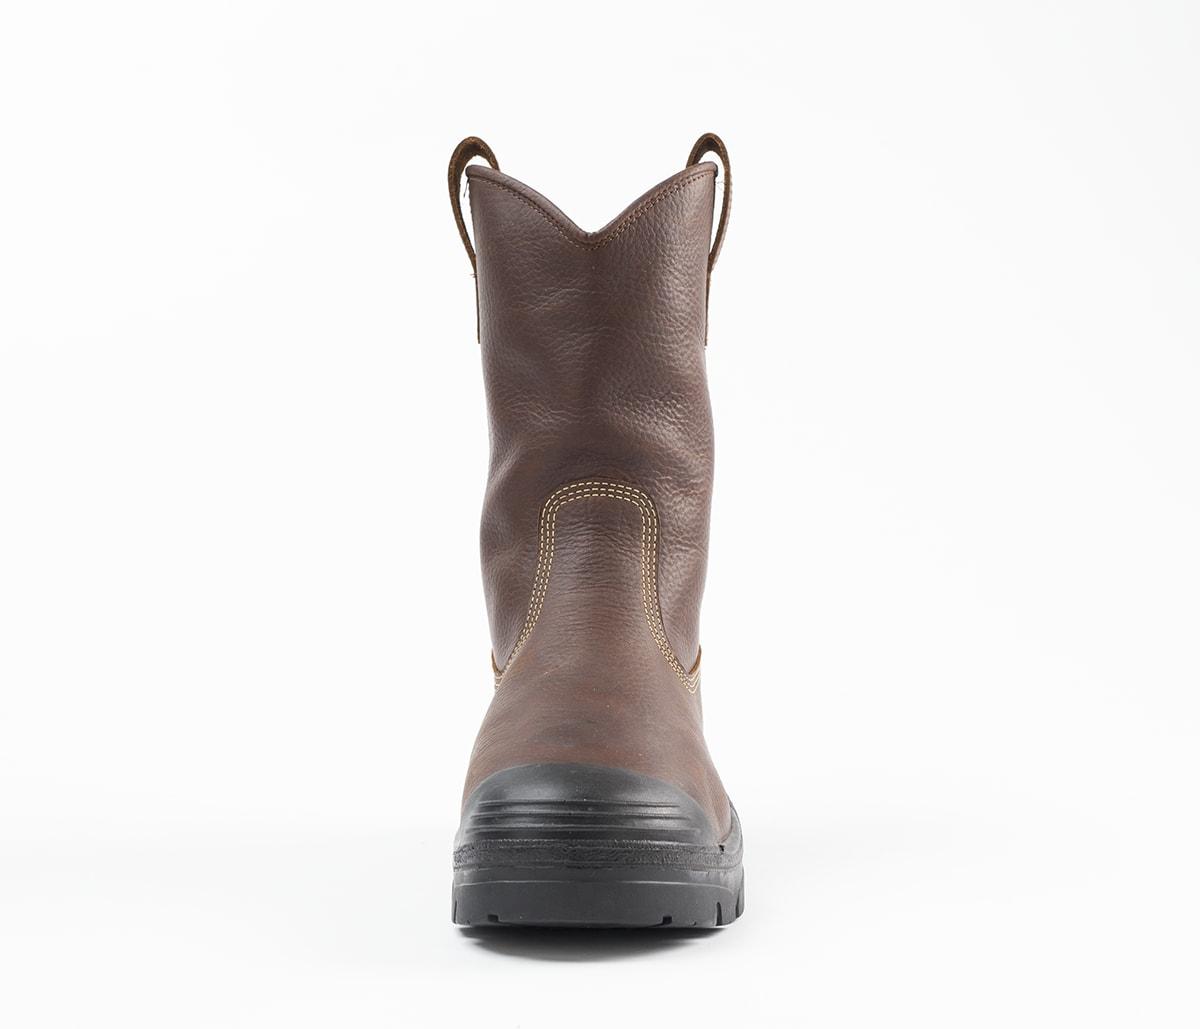 Heeler Met: Waterproof/ Bump Cap - Roble